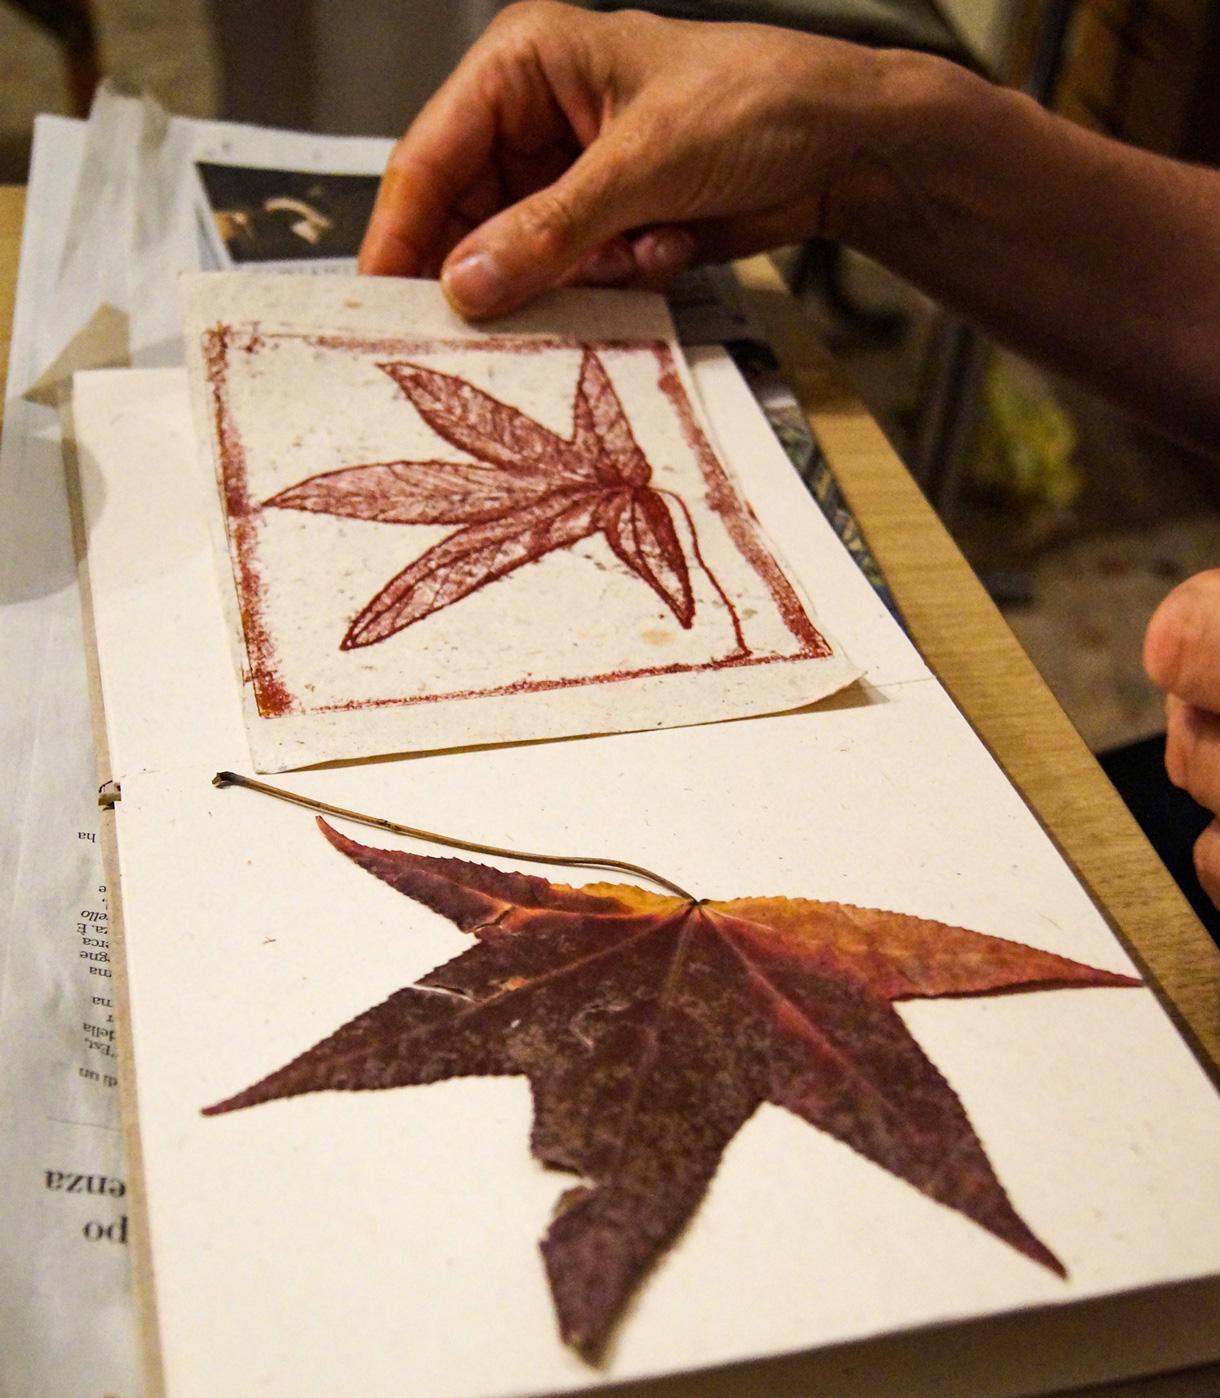 piccolo-libro-di-artista-con-piccola-stampa -e-foglia-di-acero-rosso-secca